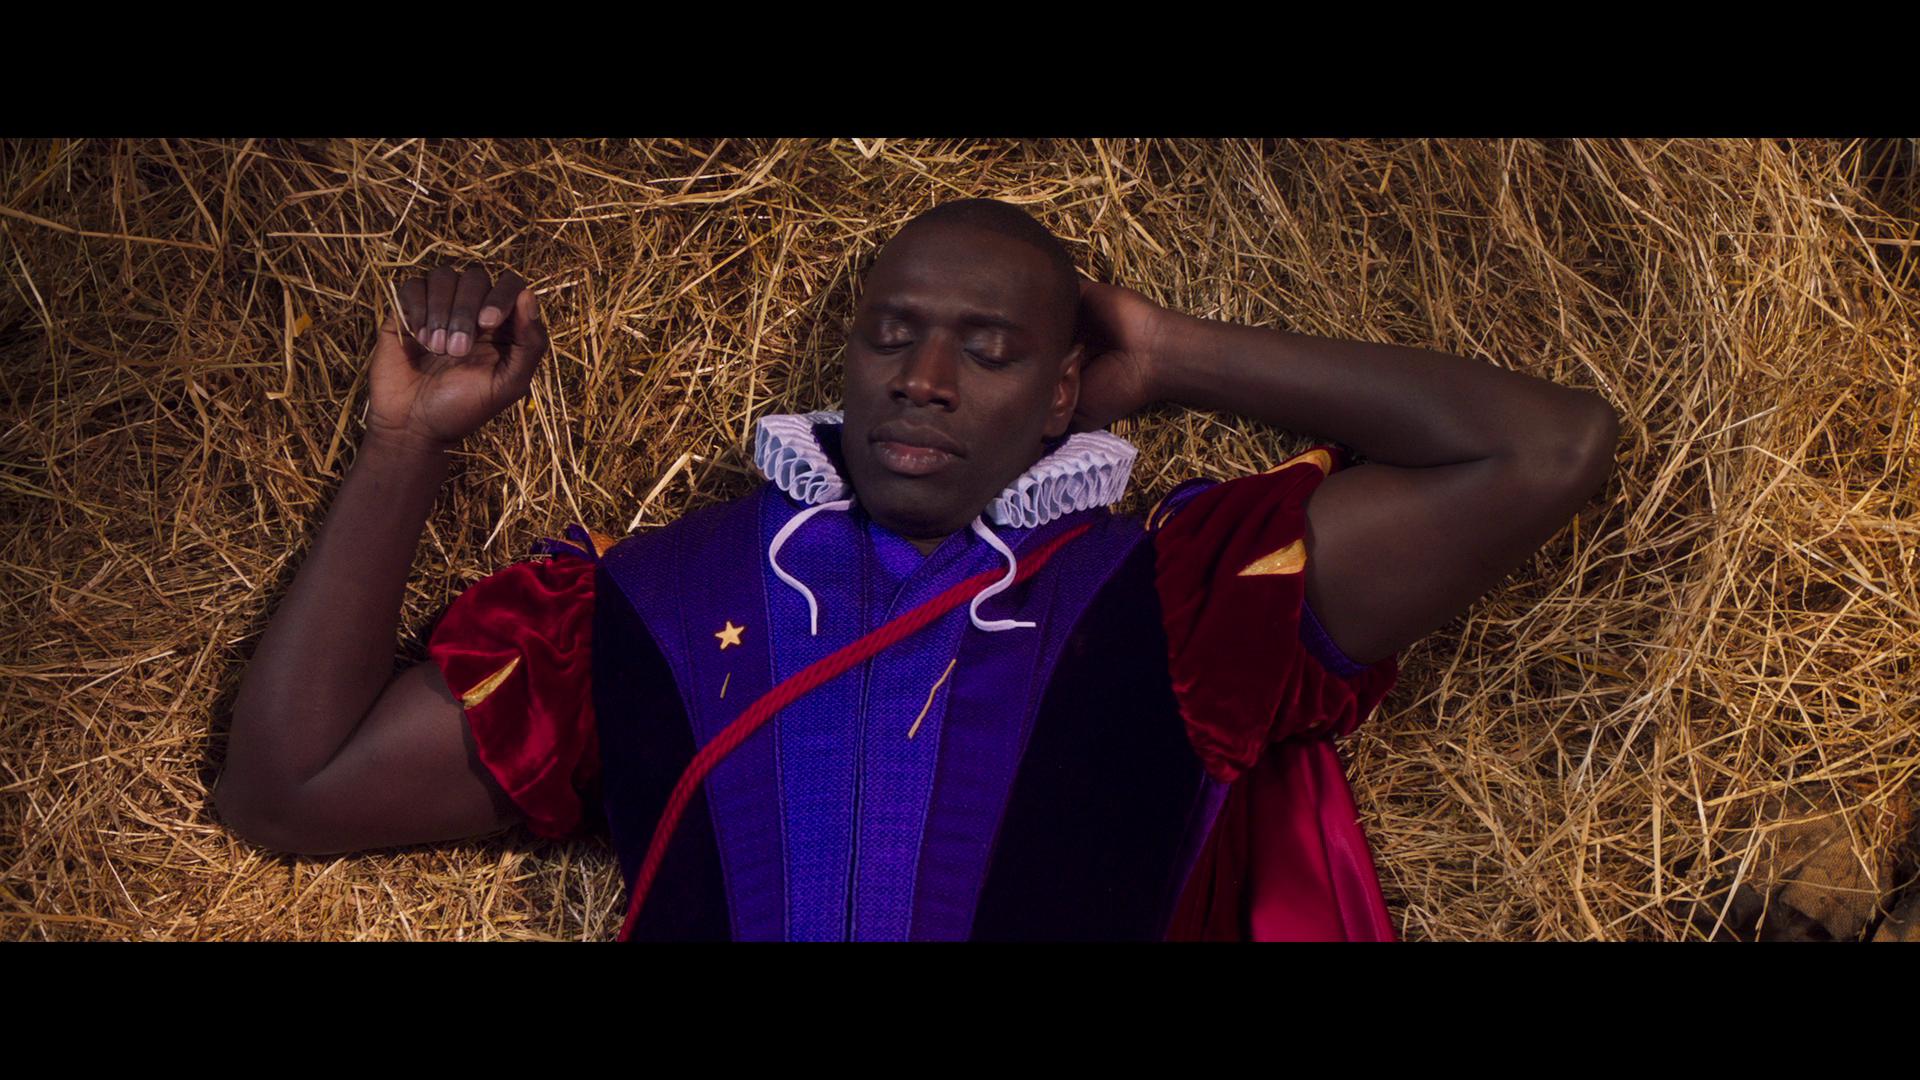 El príncipe olvidado (2020) 1080p BDrip Latino